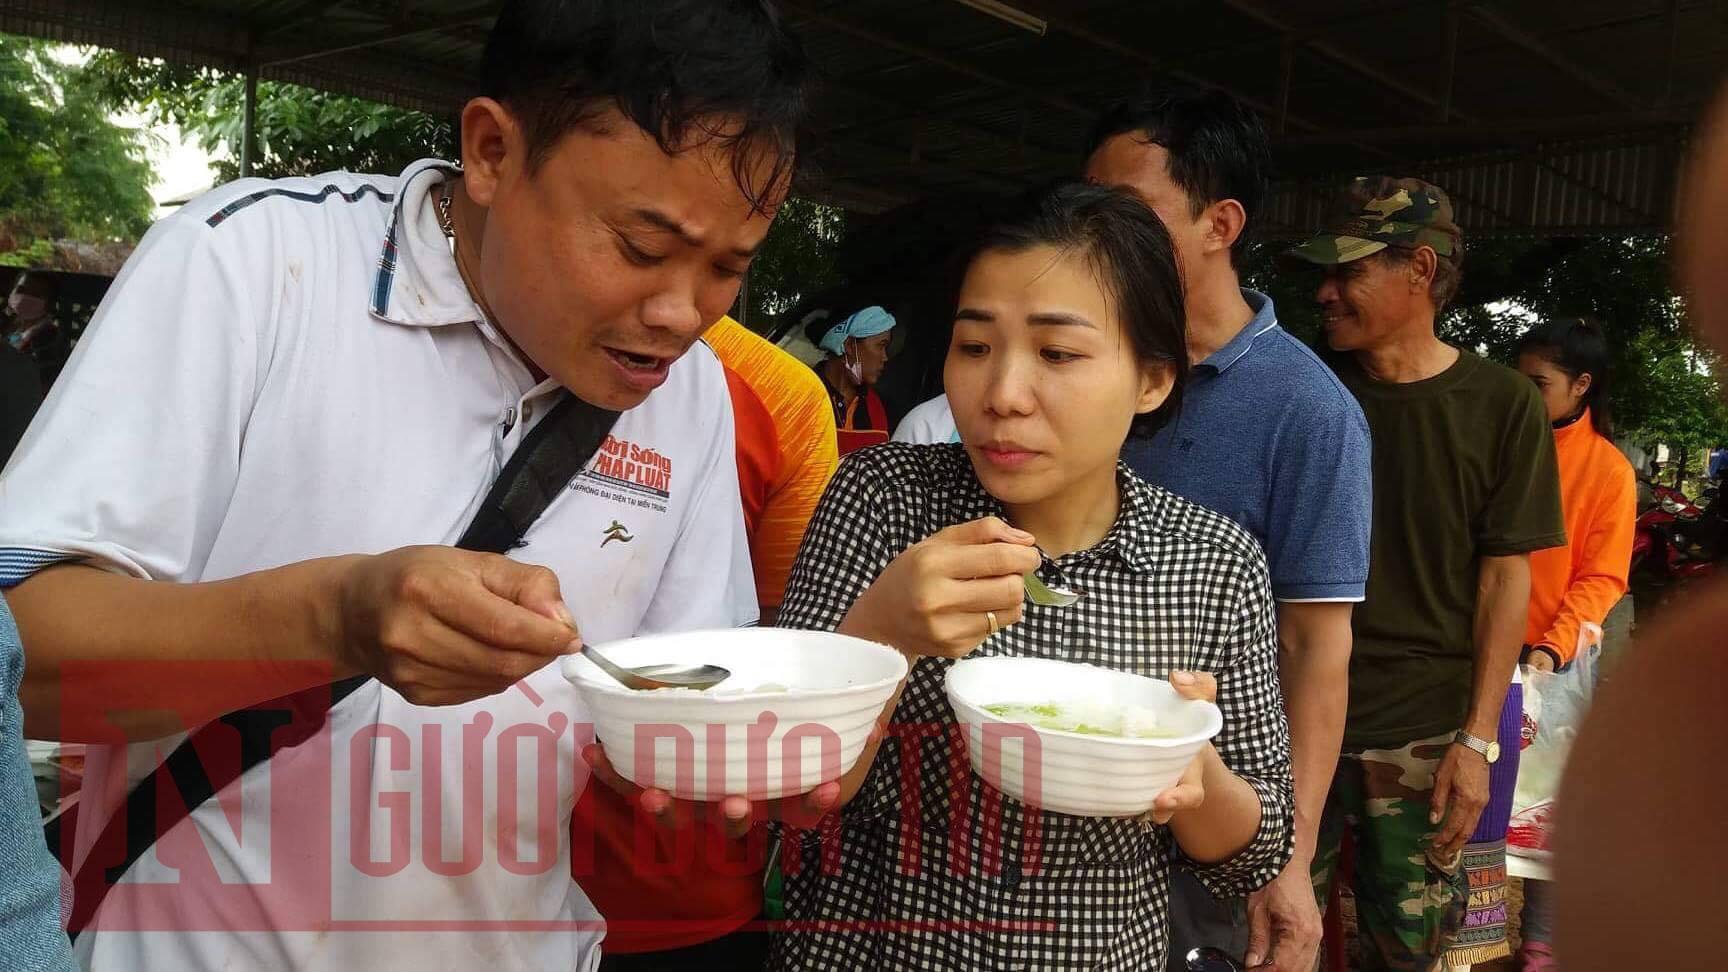 Vỡ đập thủy điện Lào: Cận cảnh công tác cứu hộ tại nơi cơn lũ vừa càn quét - Ảnh 16